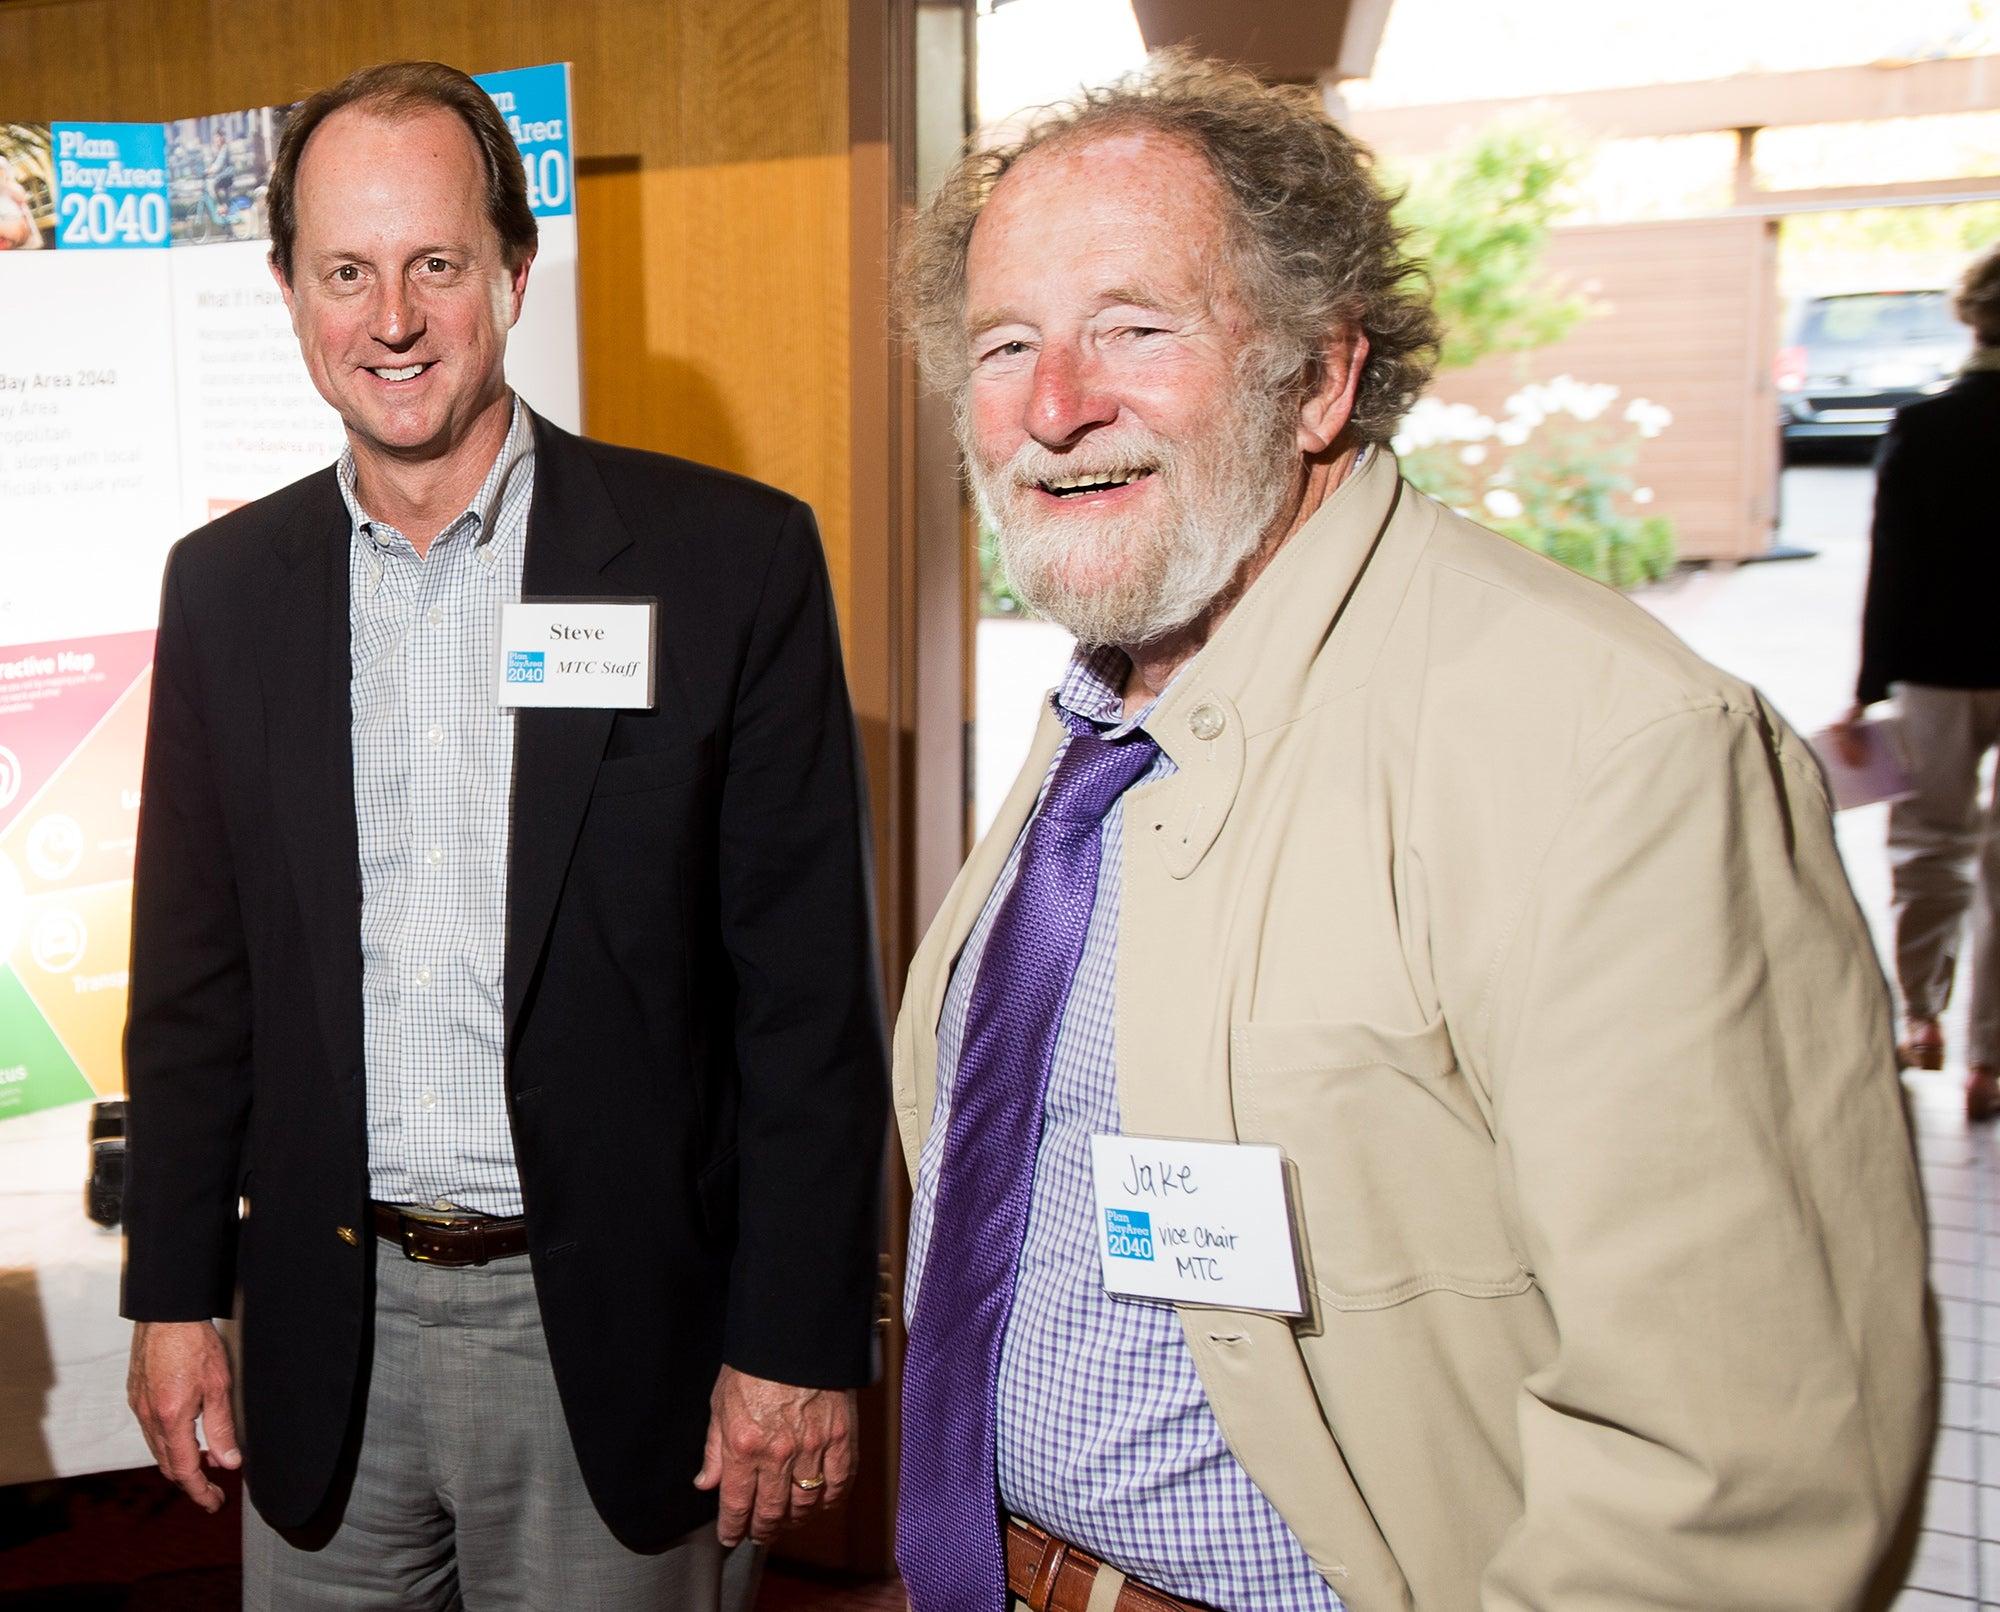 Steve Heminger and Jake Mackenzie at the Sonoma County open house